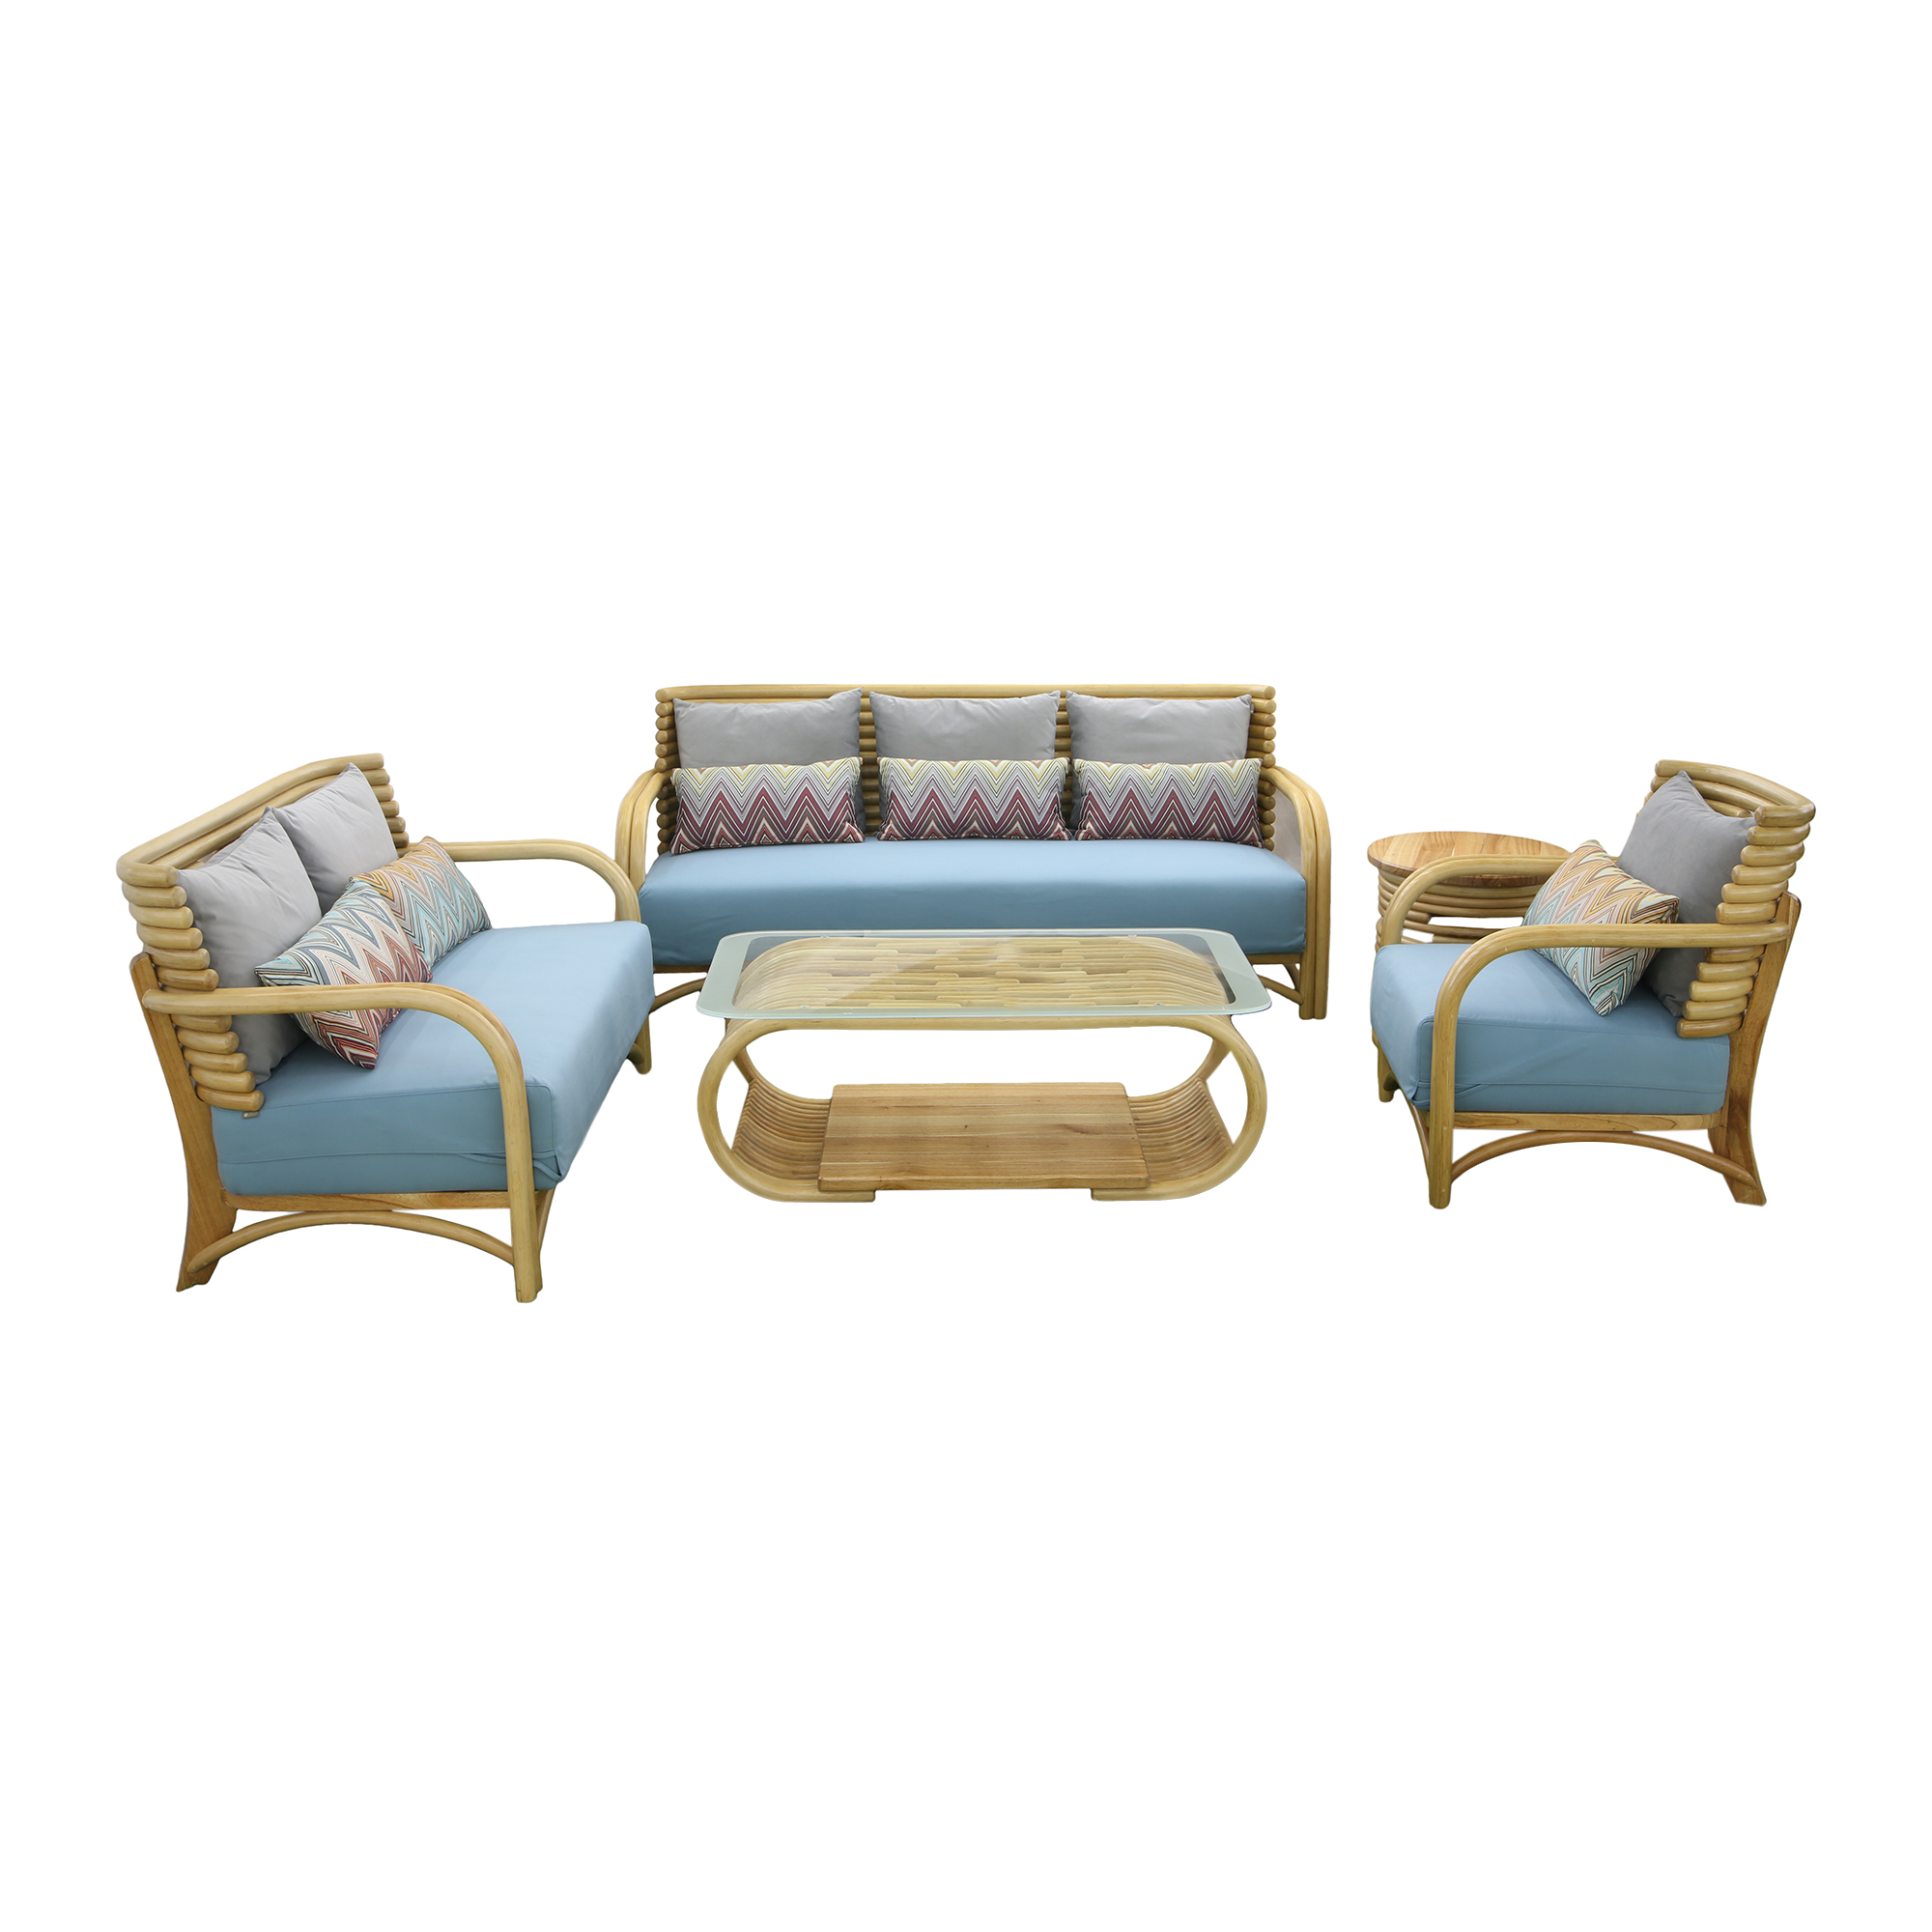 комплект мебели Tengorattan 4 предмета